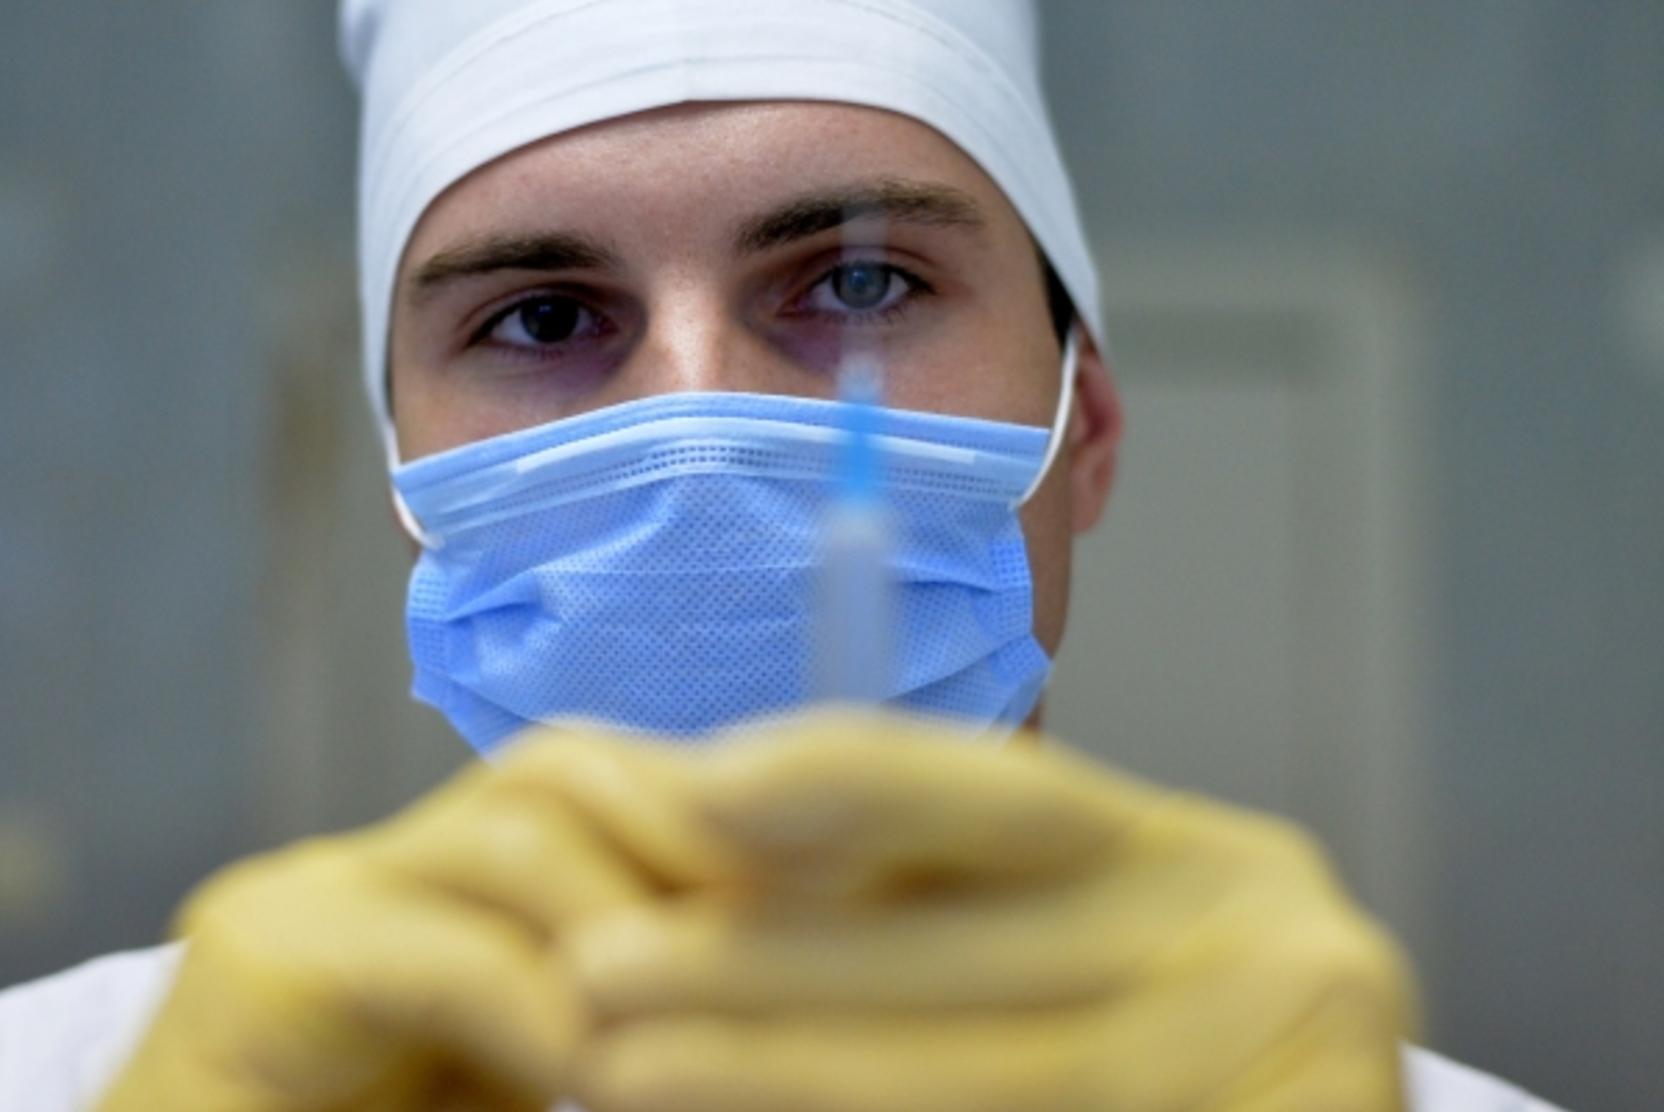 Учителей в школах не отстранят от работы за отказ от прививки против COVID-19